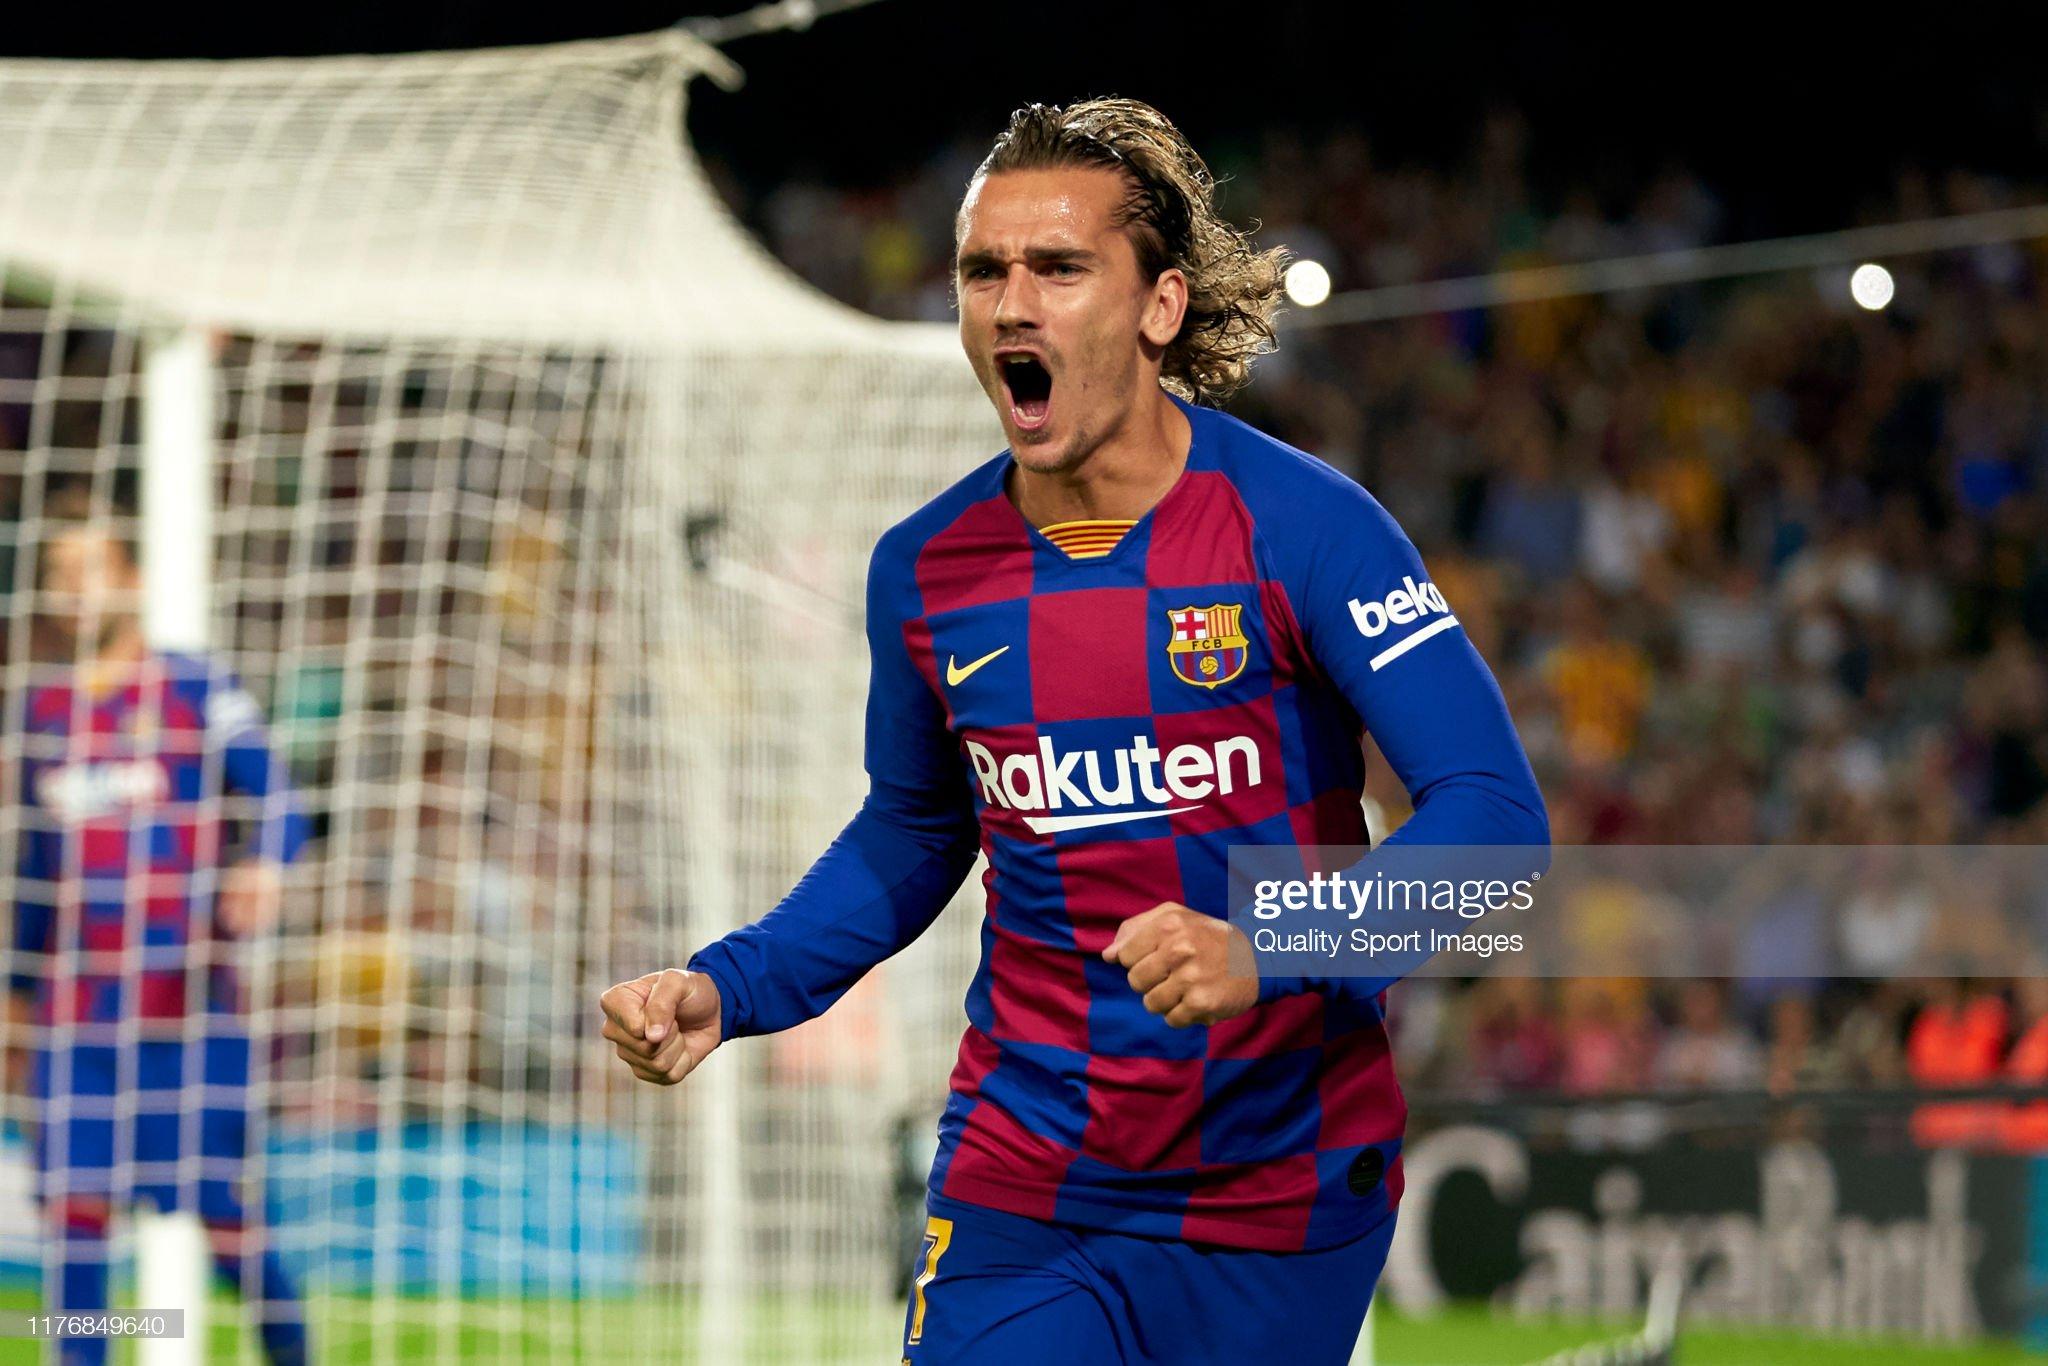 صور مباراة : برشلونة - فياريال 2-1 ( 24-09-2019 )  Antoine-griezmann-of-fc-barcelona-celebrates-their-teams-first-goal-picture-id1176849640?s=2048x2048